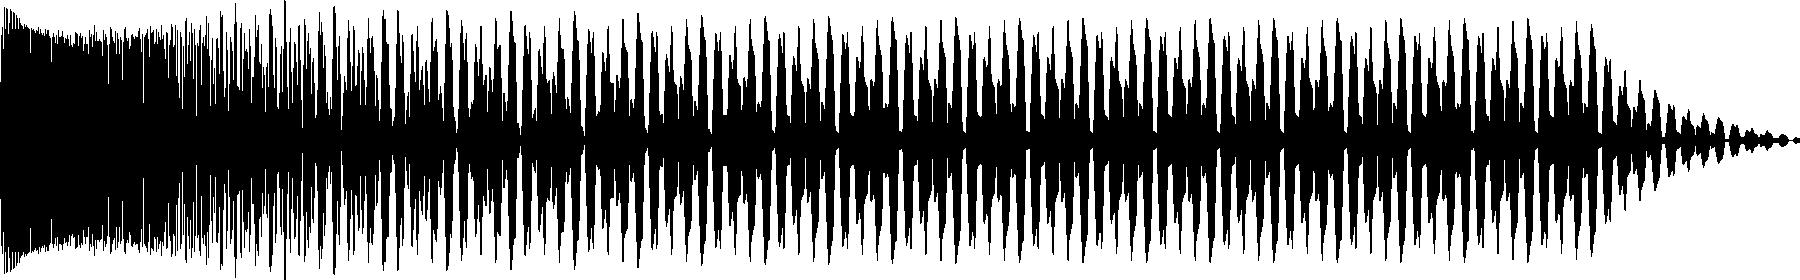 veh2 synths   004 c